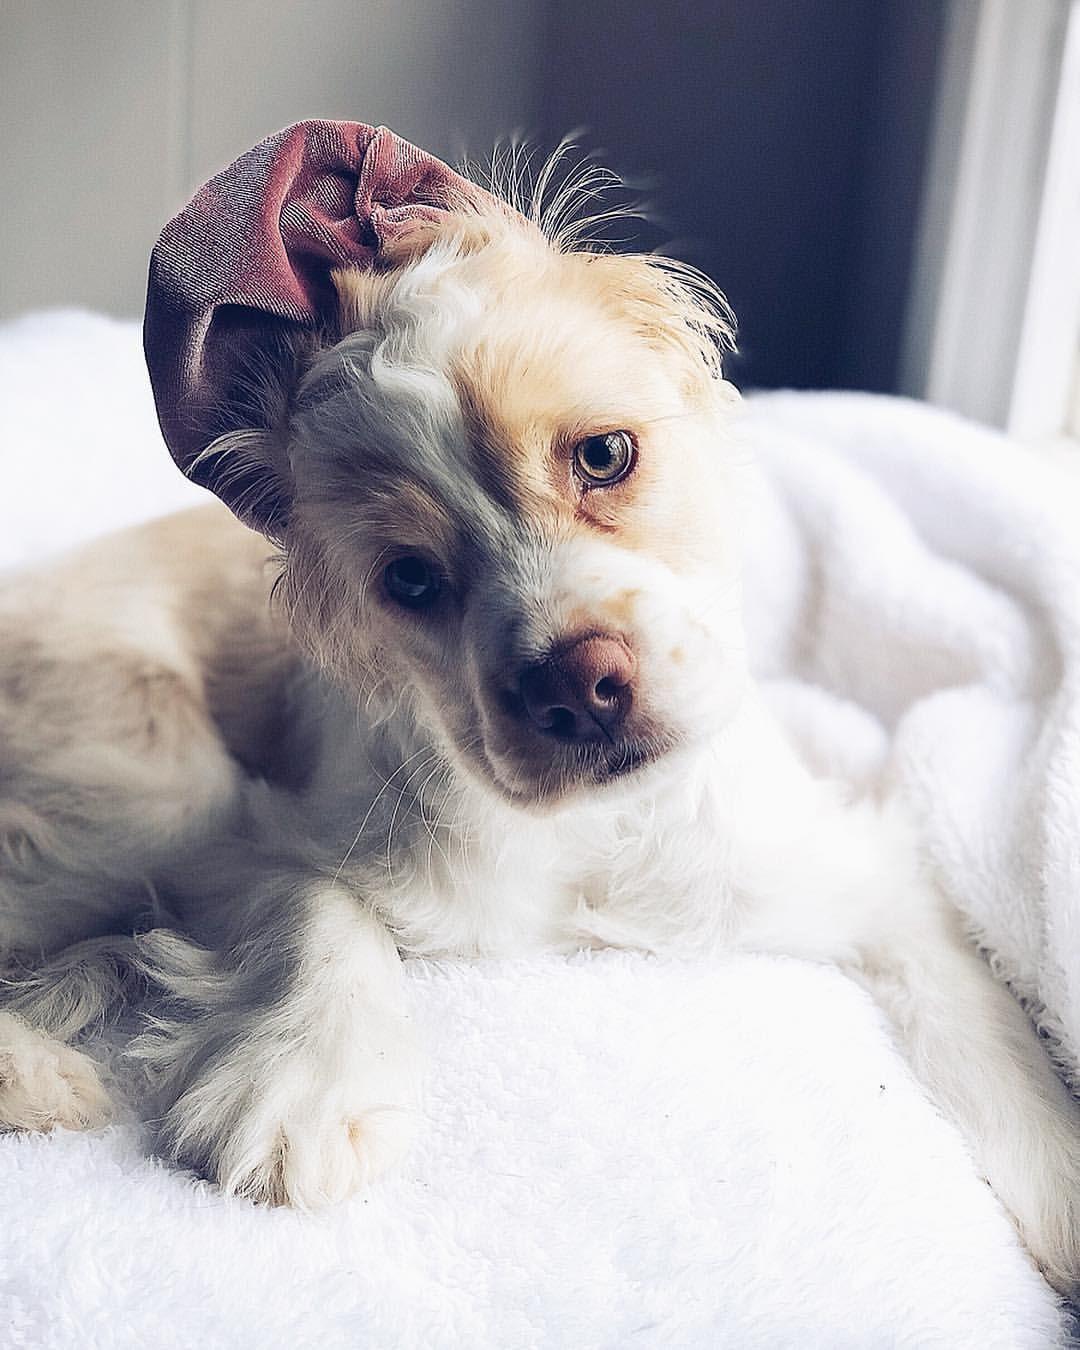 Oh Hey Mom Is My Bath Ready Yet Cocker Spaniel Puppy